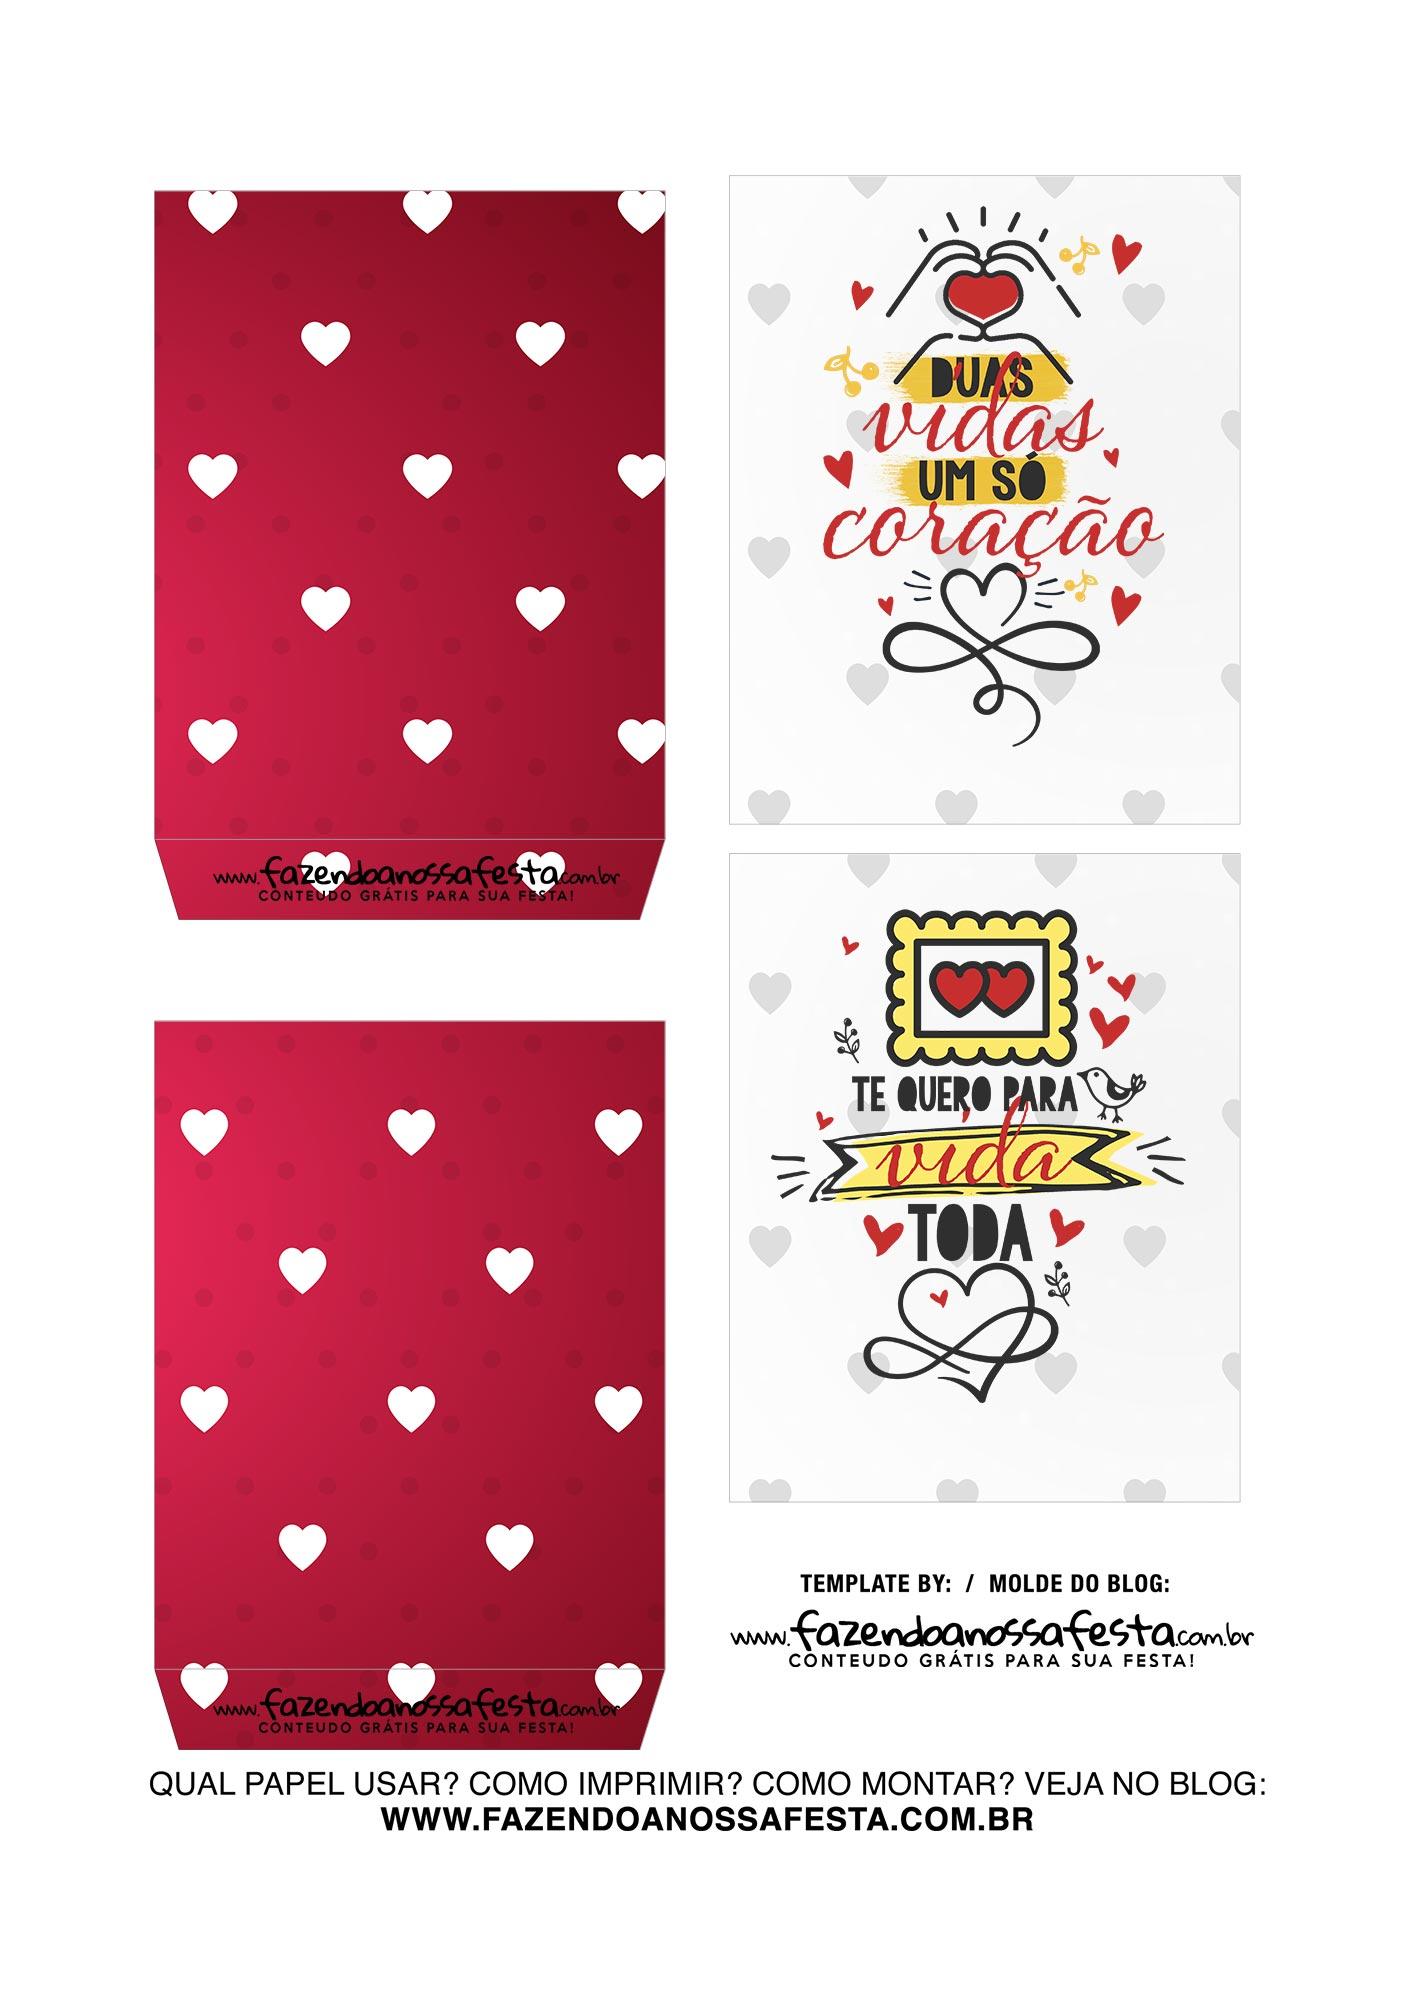 Caixa Explosiva Dia dos Namorados Vermelho Coracoes 3